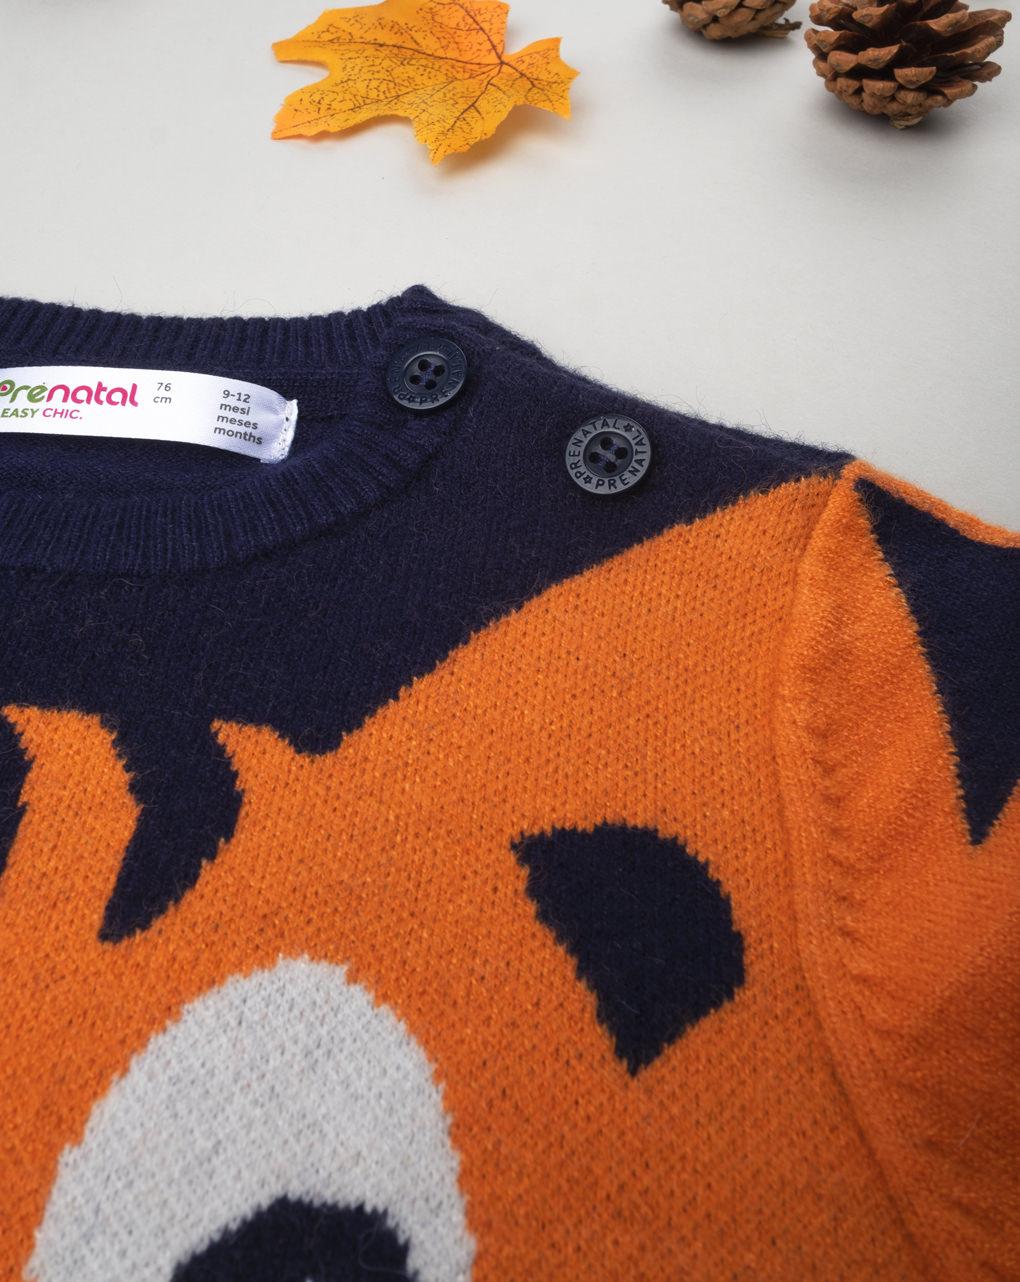 """Suéter tricot masculino """"tigrotto"""" - Prénatal"""